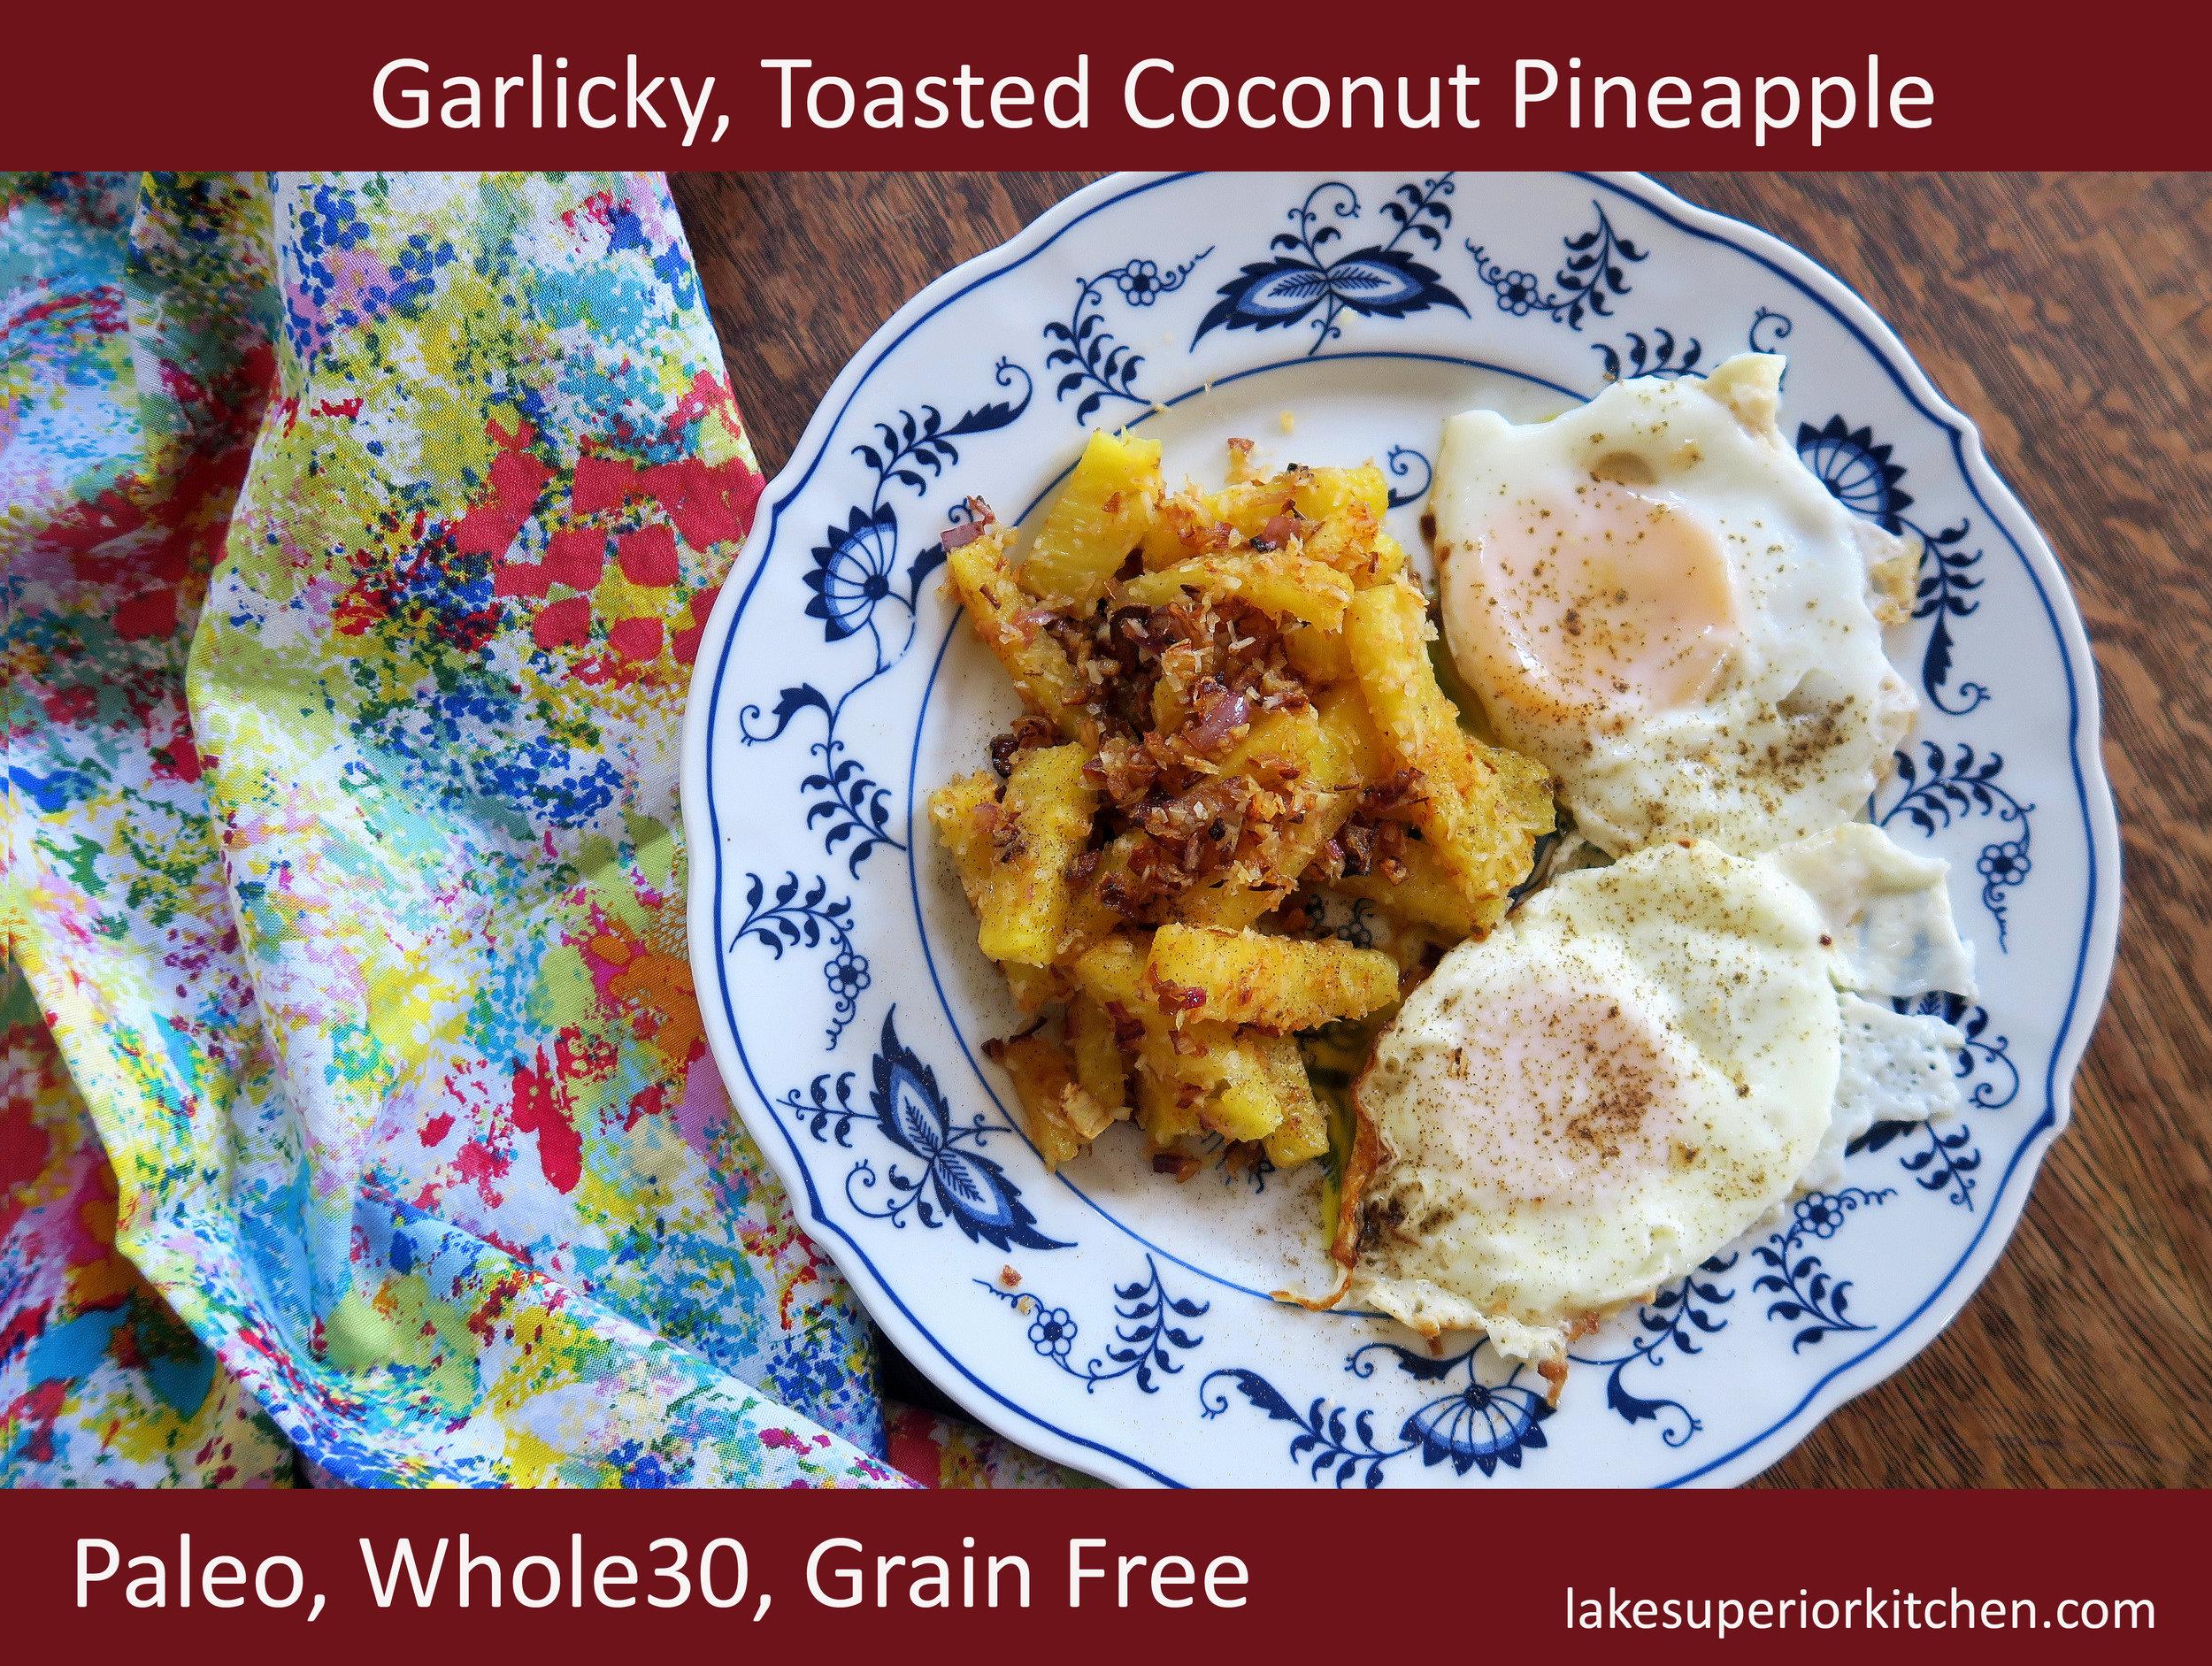 lake superior kitchen, duluth food, whole30, whole30 breakfast, whole30 recipes, whole30, paleo, paleo breakfast, paleo recipe, pineapple, healthy breakfast, pineapple recipe, coconut, brunch